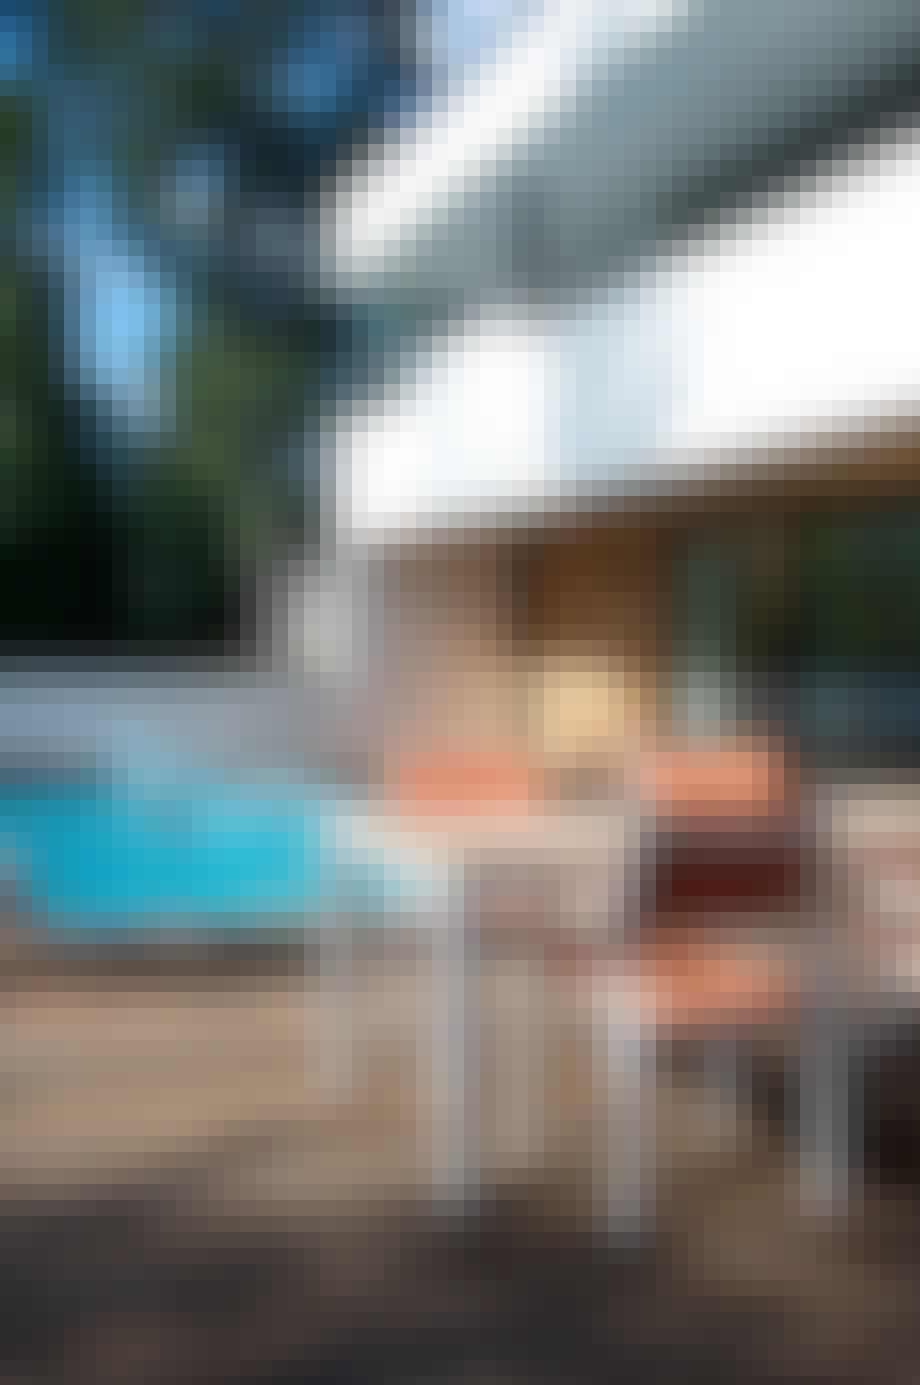 Svømmebassenget i drømmehuset er armert med glassfiberstenger i stedet for stålarmering. Dermed unngås rust og kjemikalieangrep i bassenget.